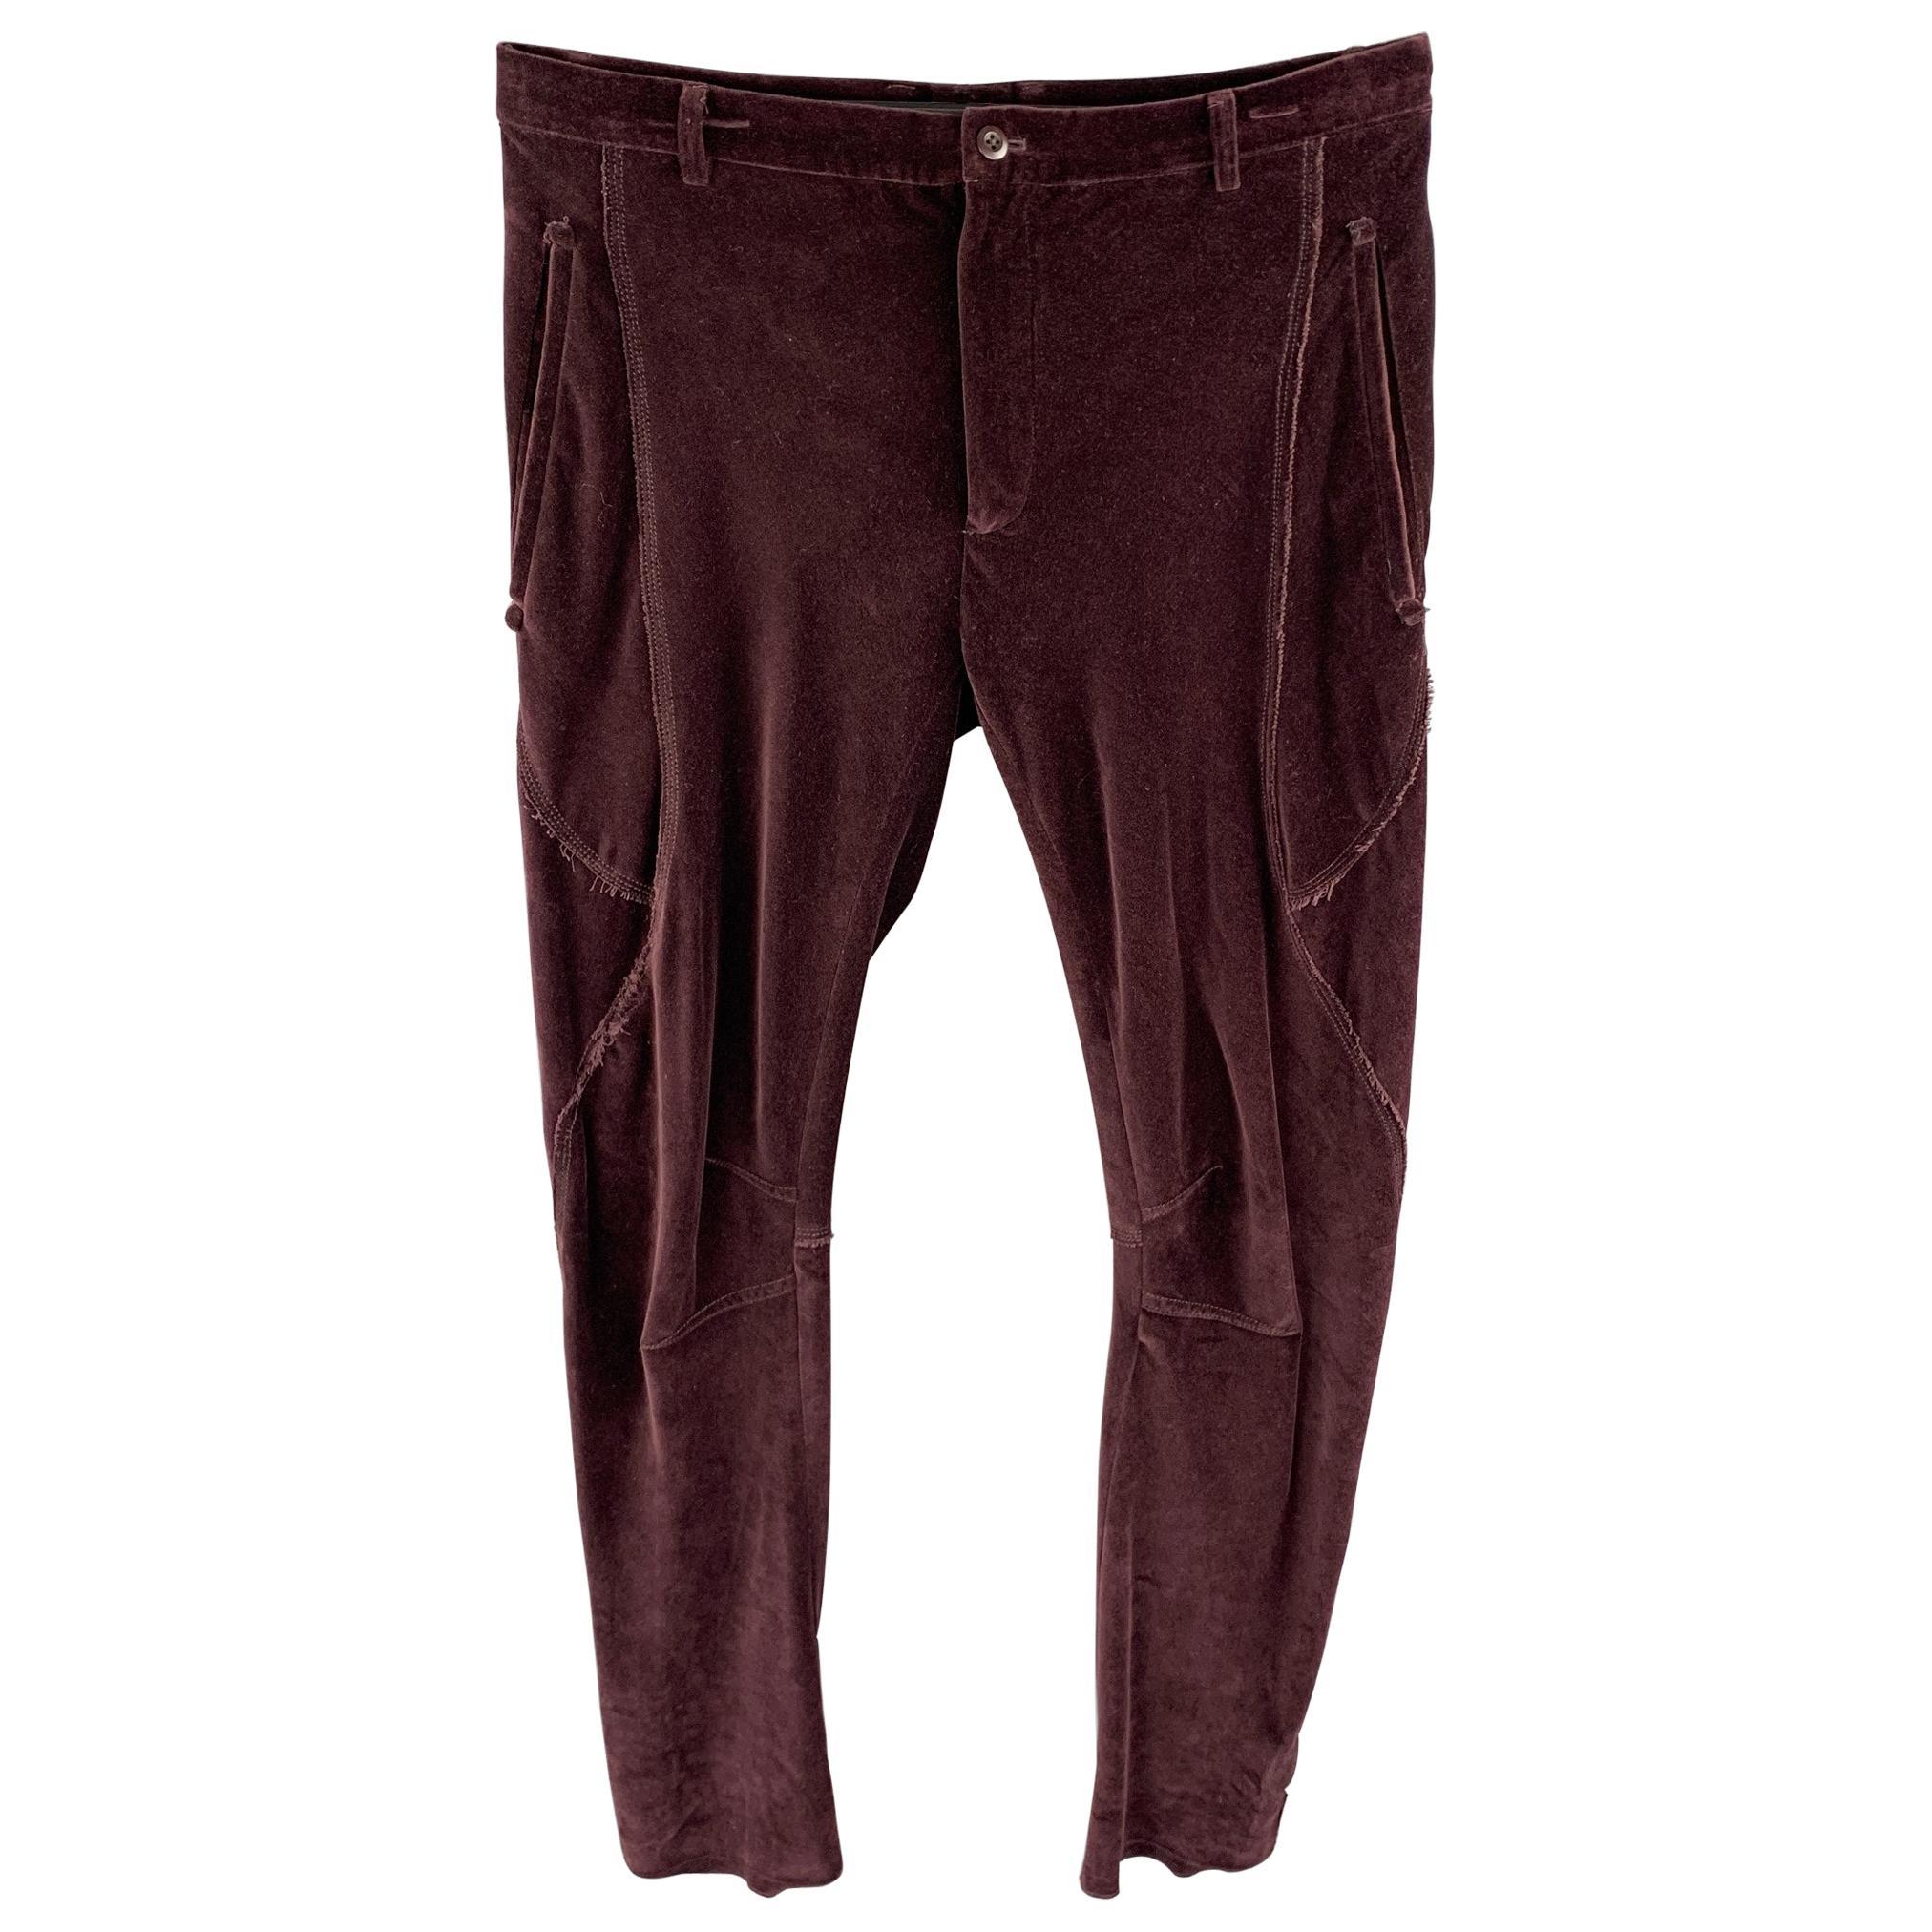 LANVIN Size 32 Burgundy Solid Cotton Velvet Zip Up Casual Pants